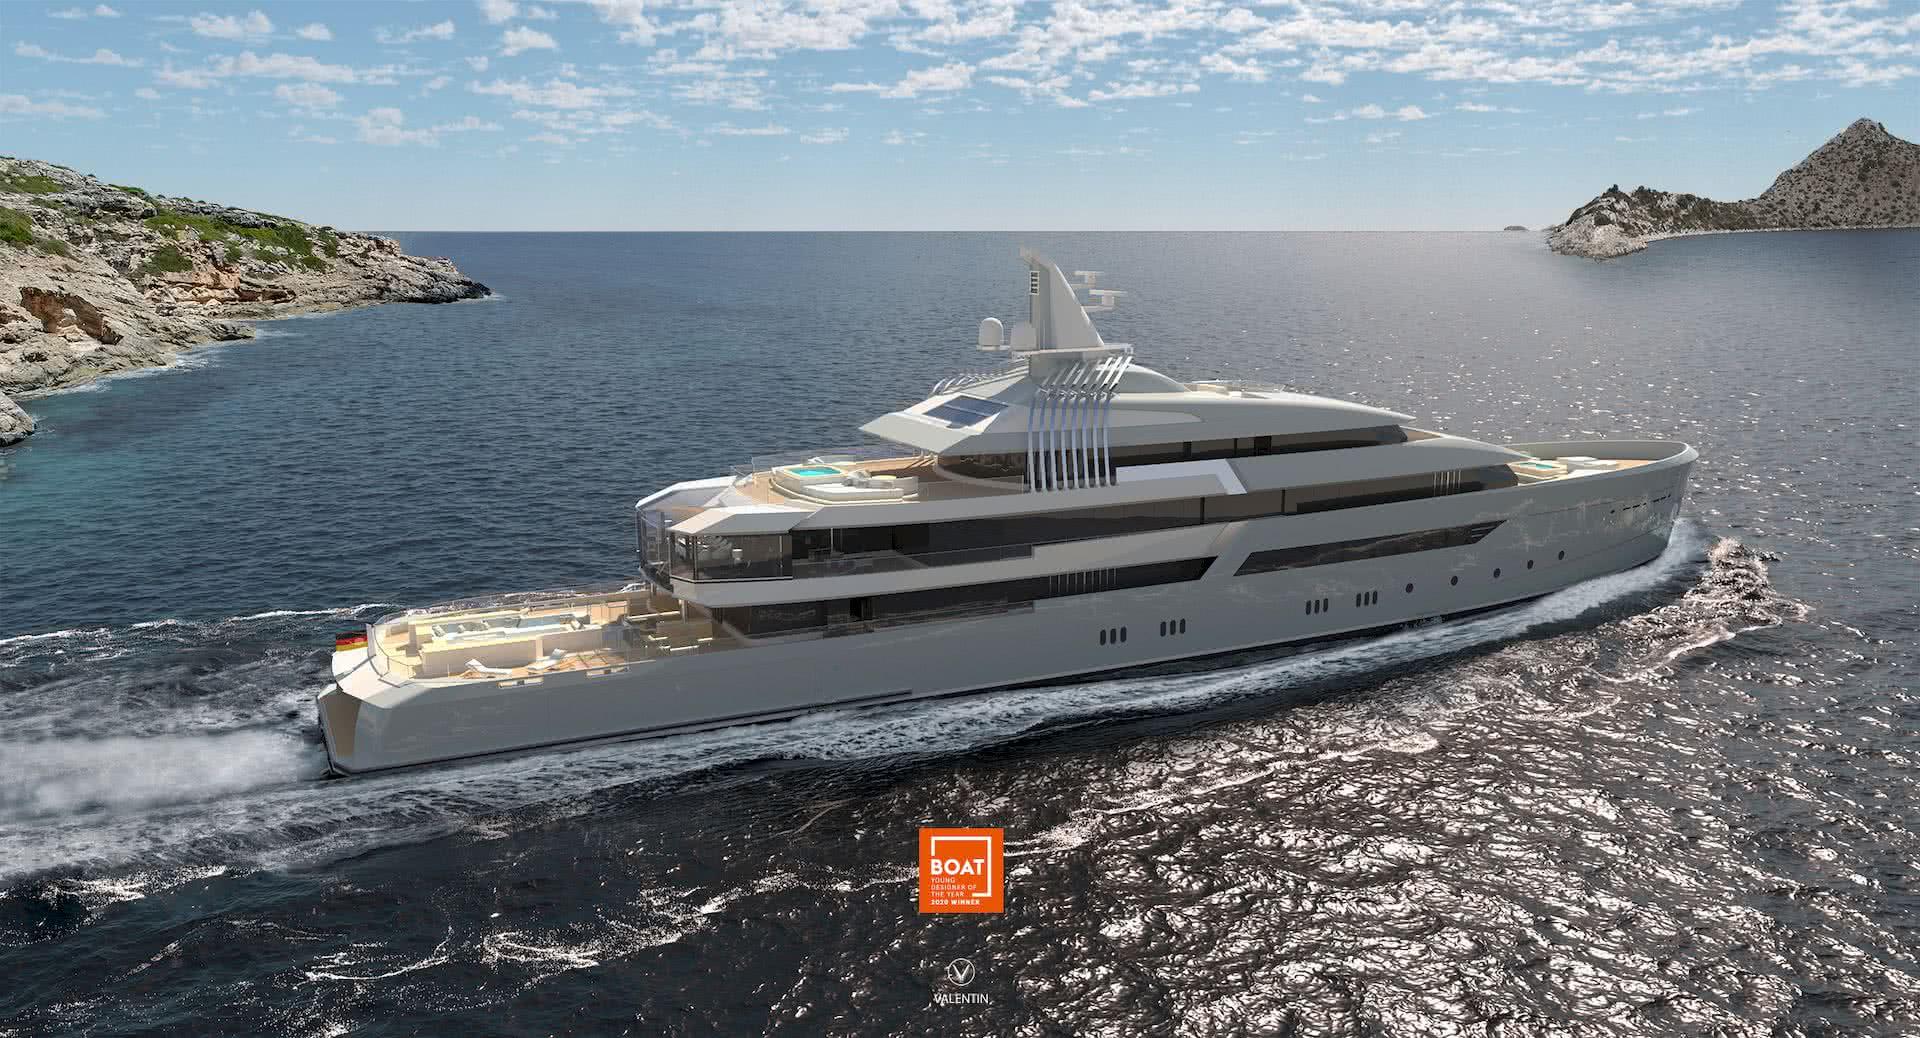 Plato Yacht Valentin Weigand